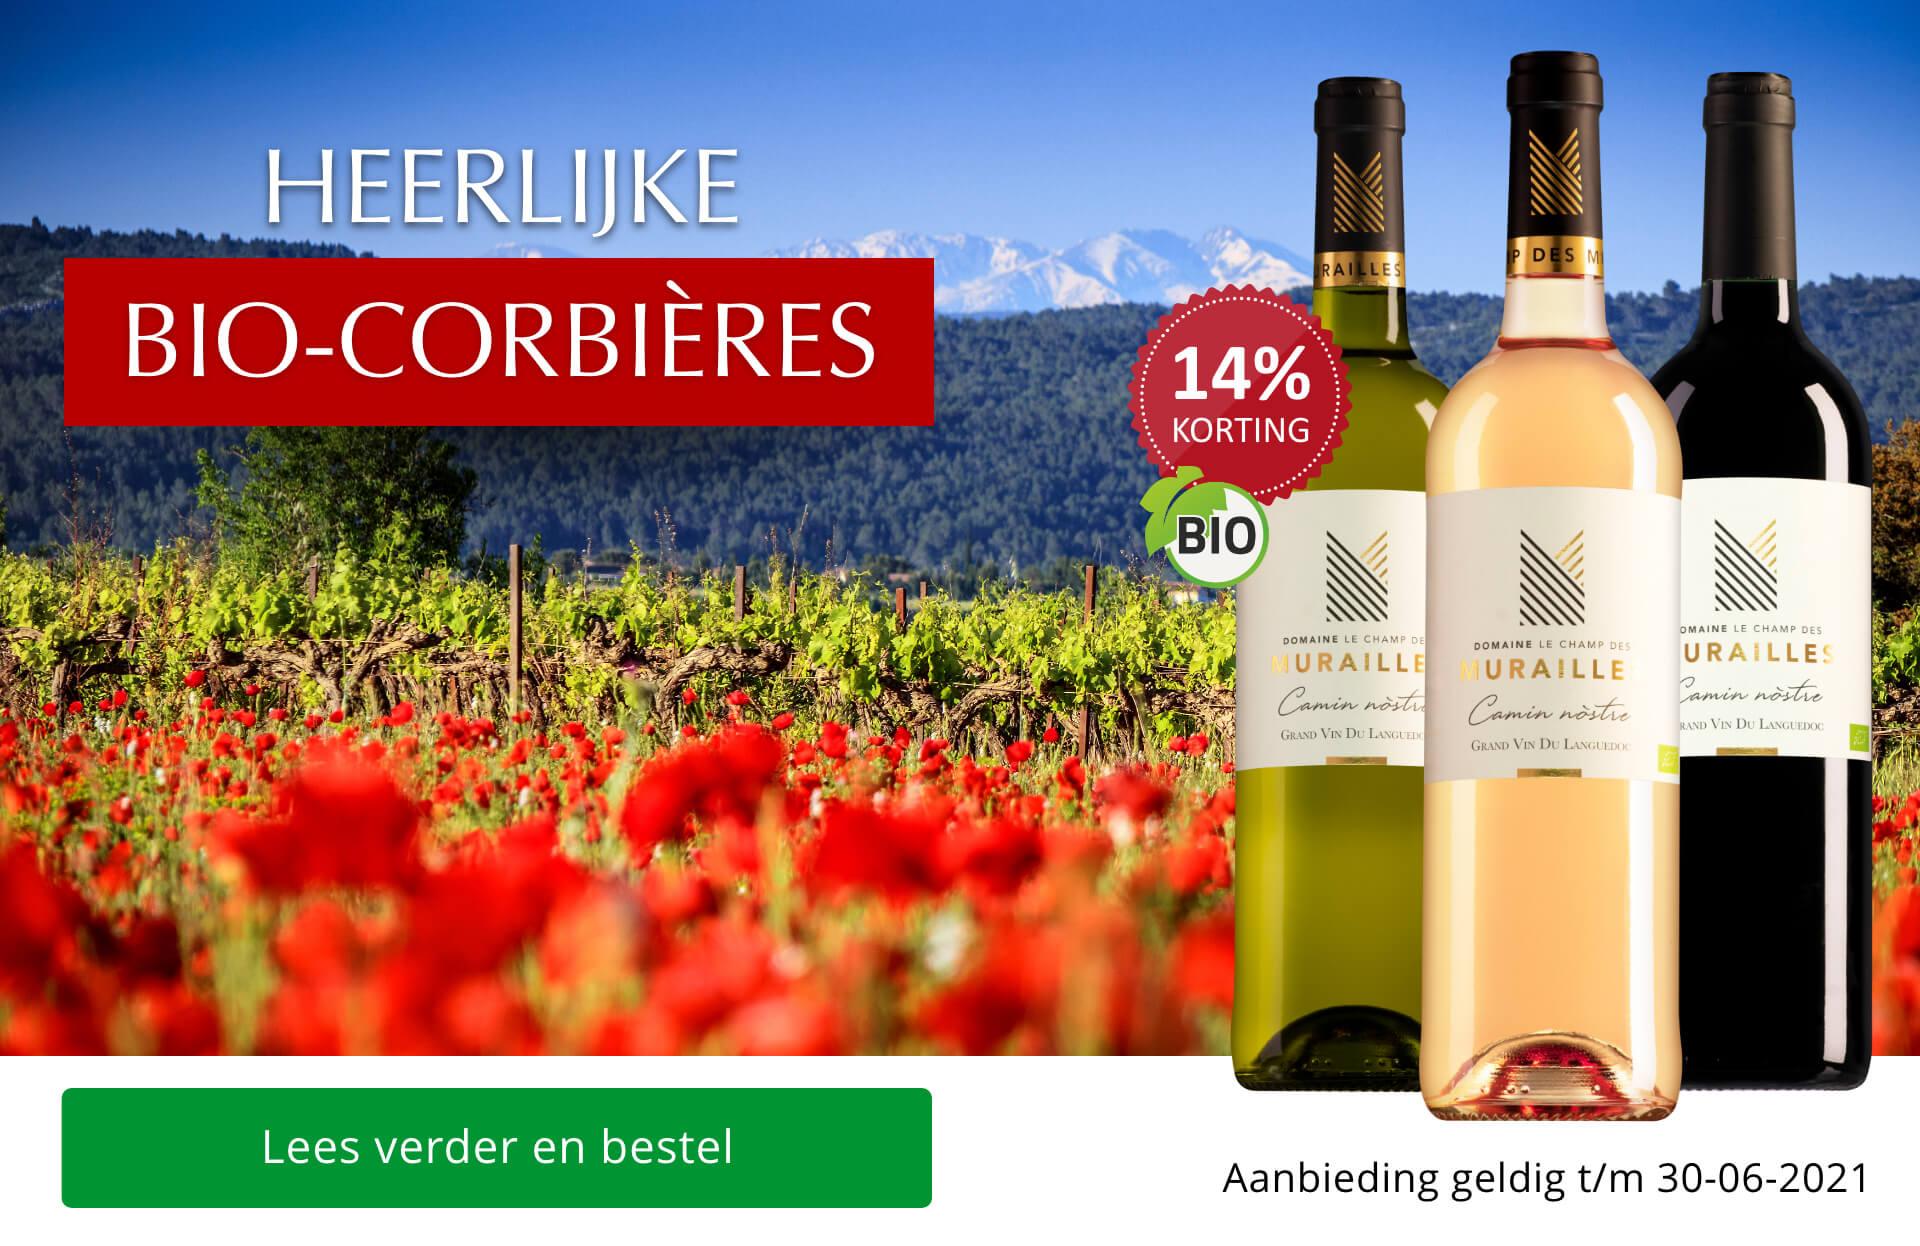 Heerlijke bio-Corbières van Pierre Bories